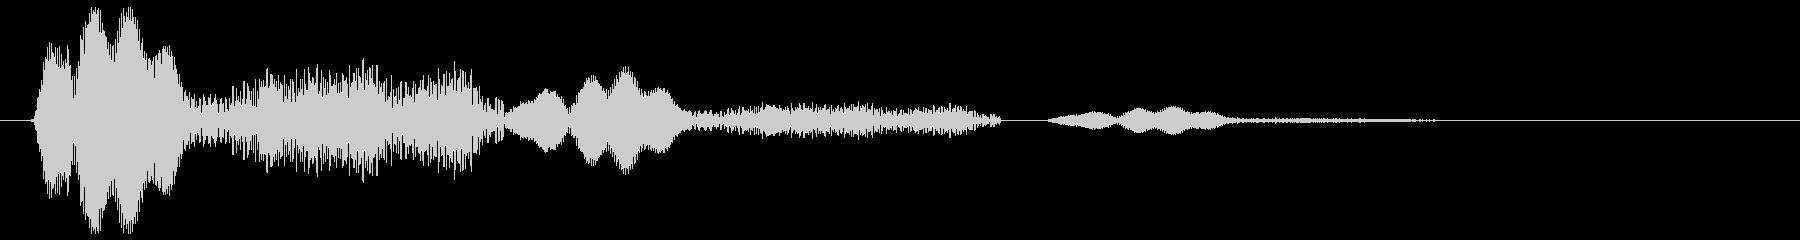 ピュウァァァン(シューティング)の未再生の波形